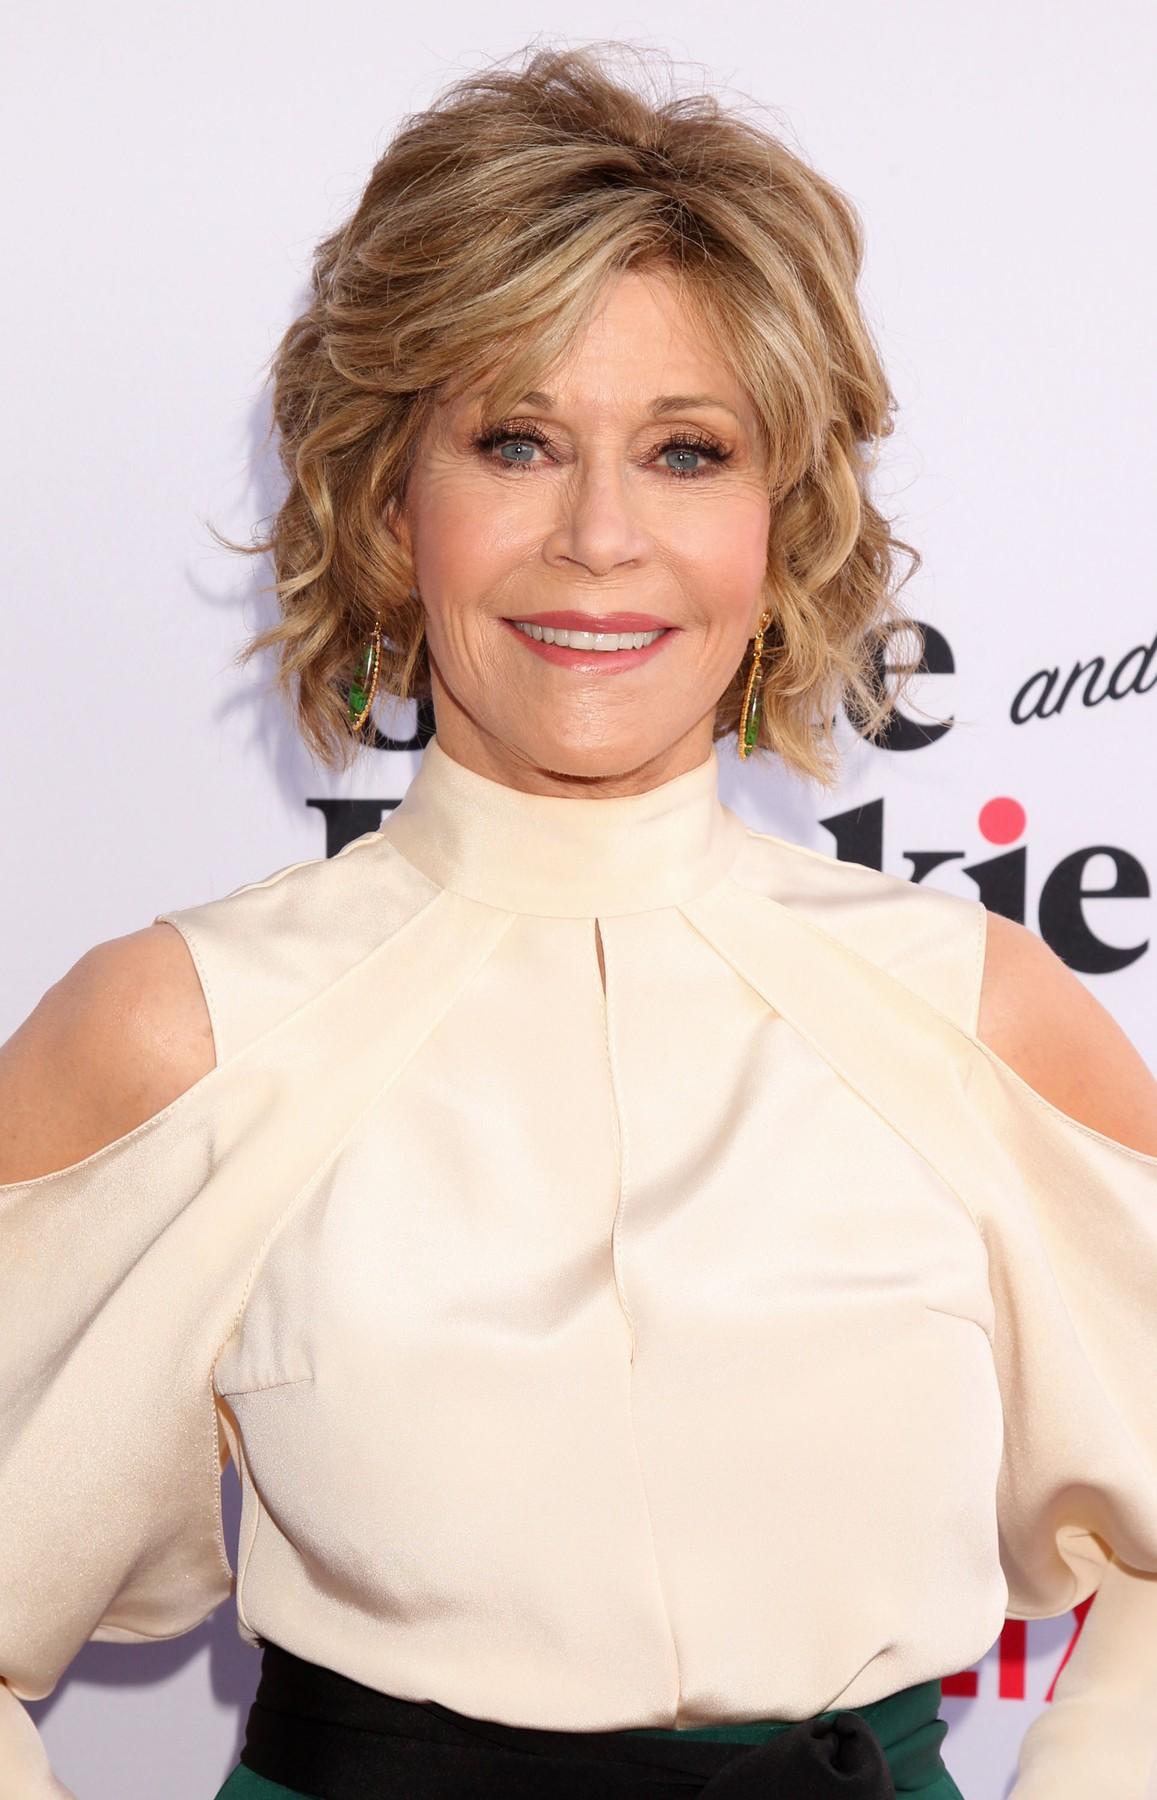 Sinonim-za-lepoto-tudi-na-pragu-devetega-desetletja-Jane-Fonda-razkriva-svoje-lepotne-skrivnosti-1